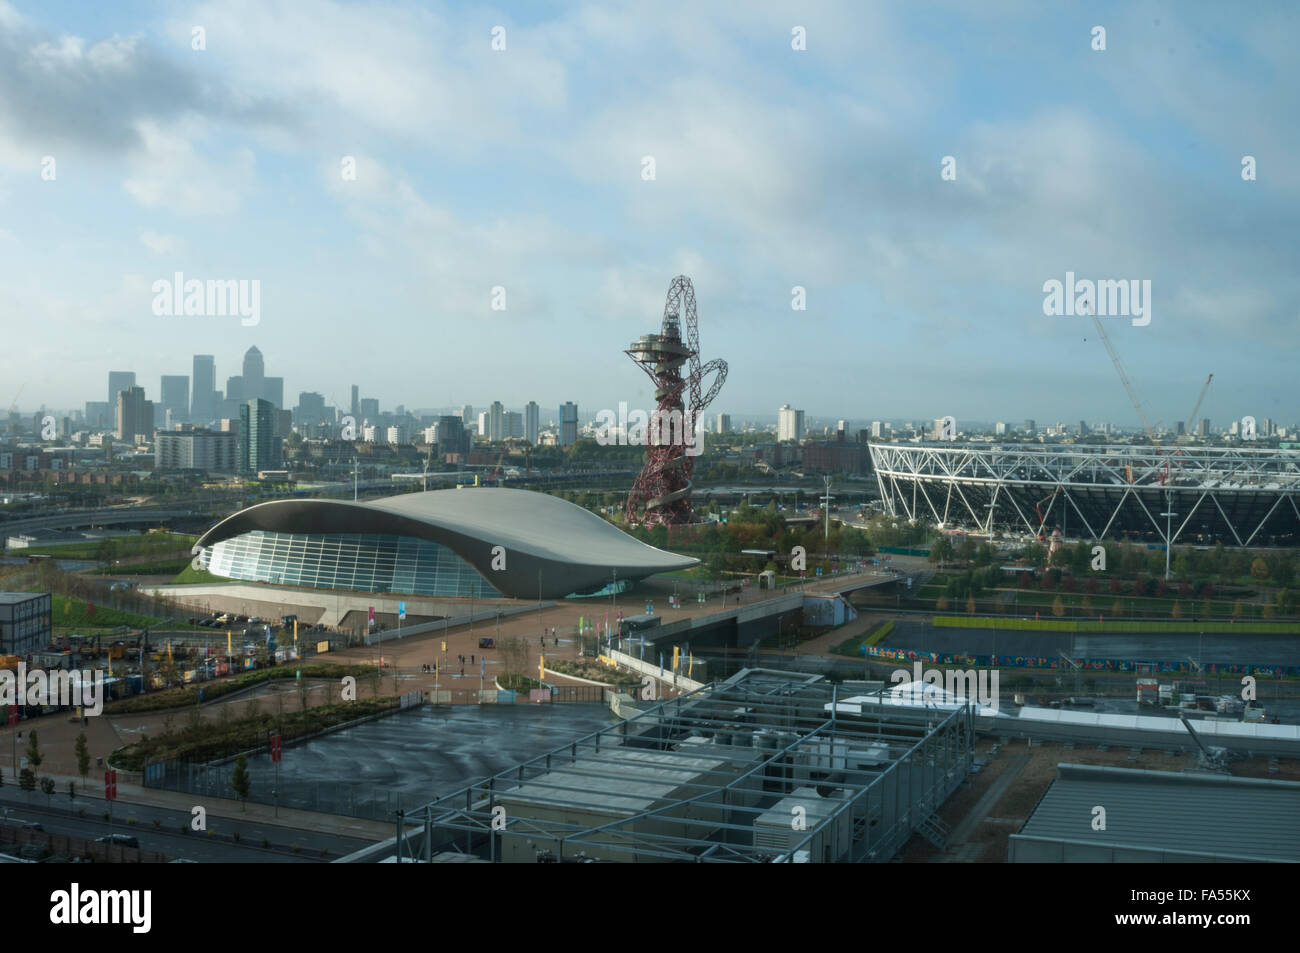 La mattina presto vista del London Aquatics Centre dell'architetto Zaha Hadid con Canary Wharf in background. Immagini Stock